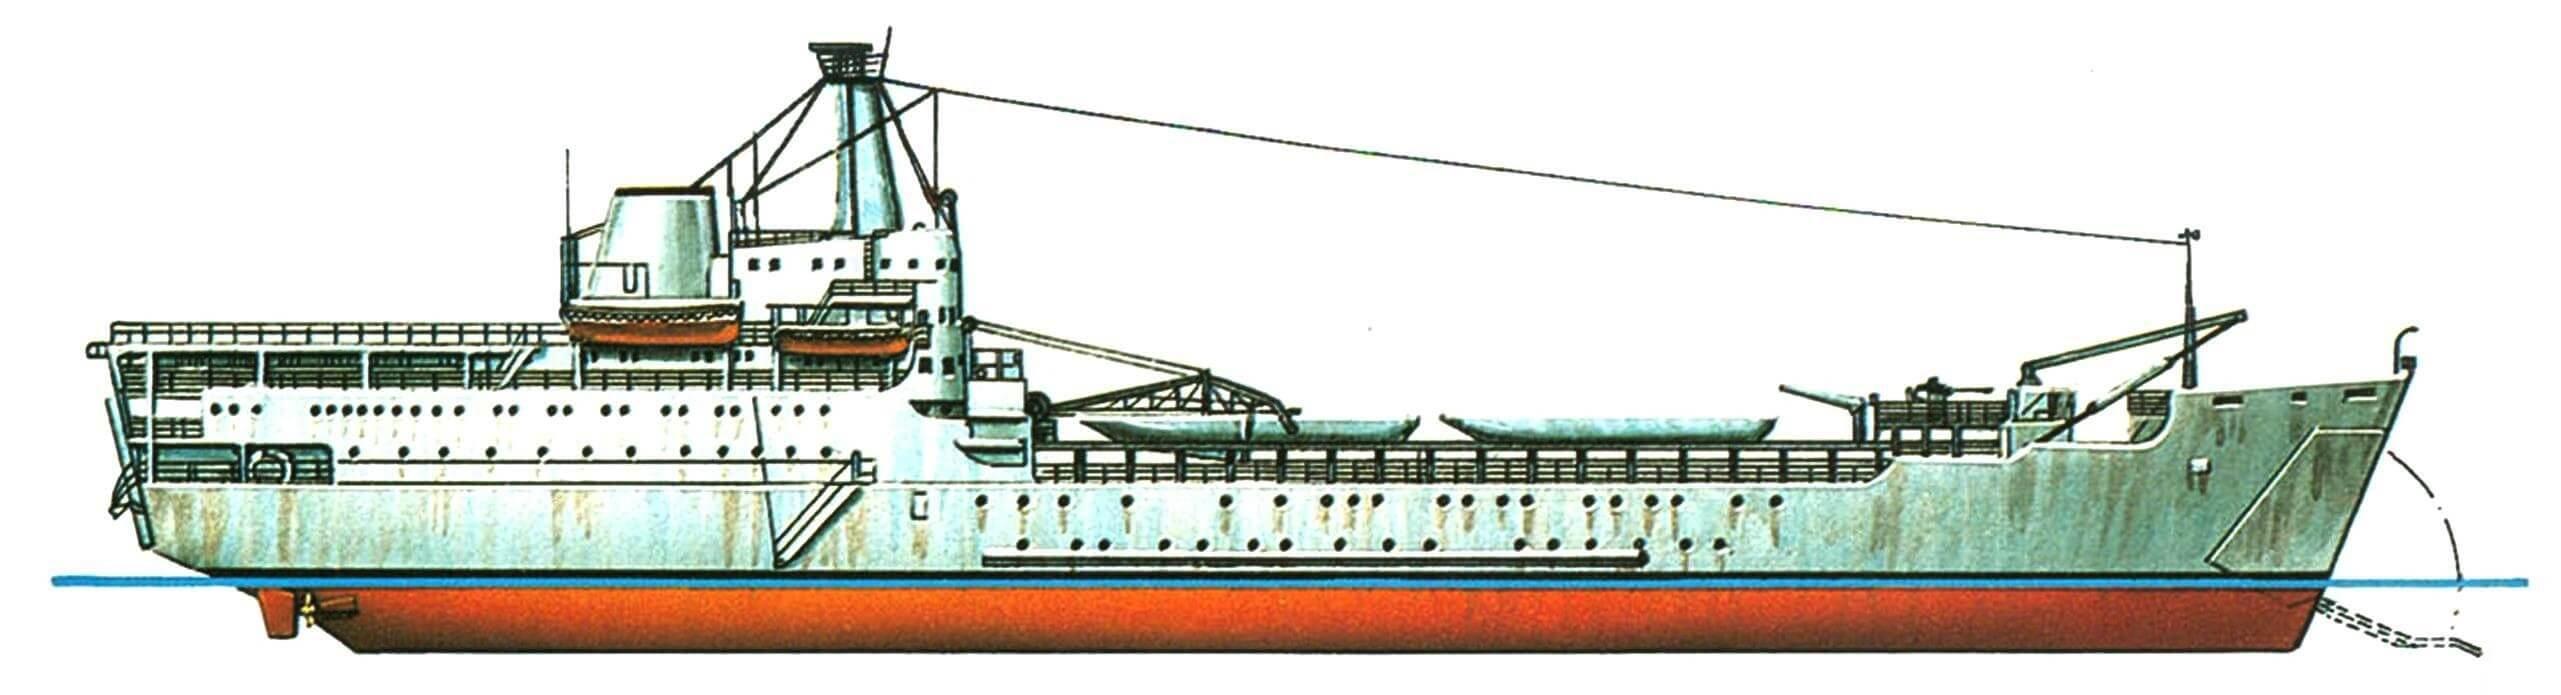 39. Танкодесантный корабль «Сэр Ланселот», Англия, 1964 г. Водоизмещение стандартное 3270 т, полное 5675 т. Длина максимальная 116,8 м, ширина 19,6 м, осадка 4,3 м. Два дизеля общей мощностью 9500 л.с., скорость 17 узлов. Вооружение: два 40-мм зенитных автомата (устанавливаются только в военное время). Вместимость: до 535 десантников или до 1500 т груза. Всего в 1964 — 1967 годах построено 6 единиц: «Сэр Галахэд», «Сэр Ланселот», «Сэр Бедивер», «Сэр Тристам», «Сэр Джервэн» и «Сэр Персиваль».